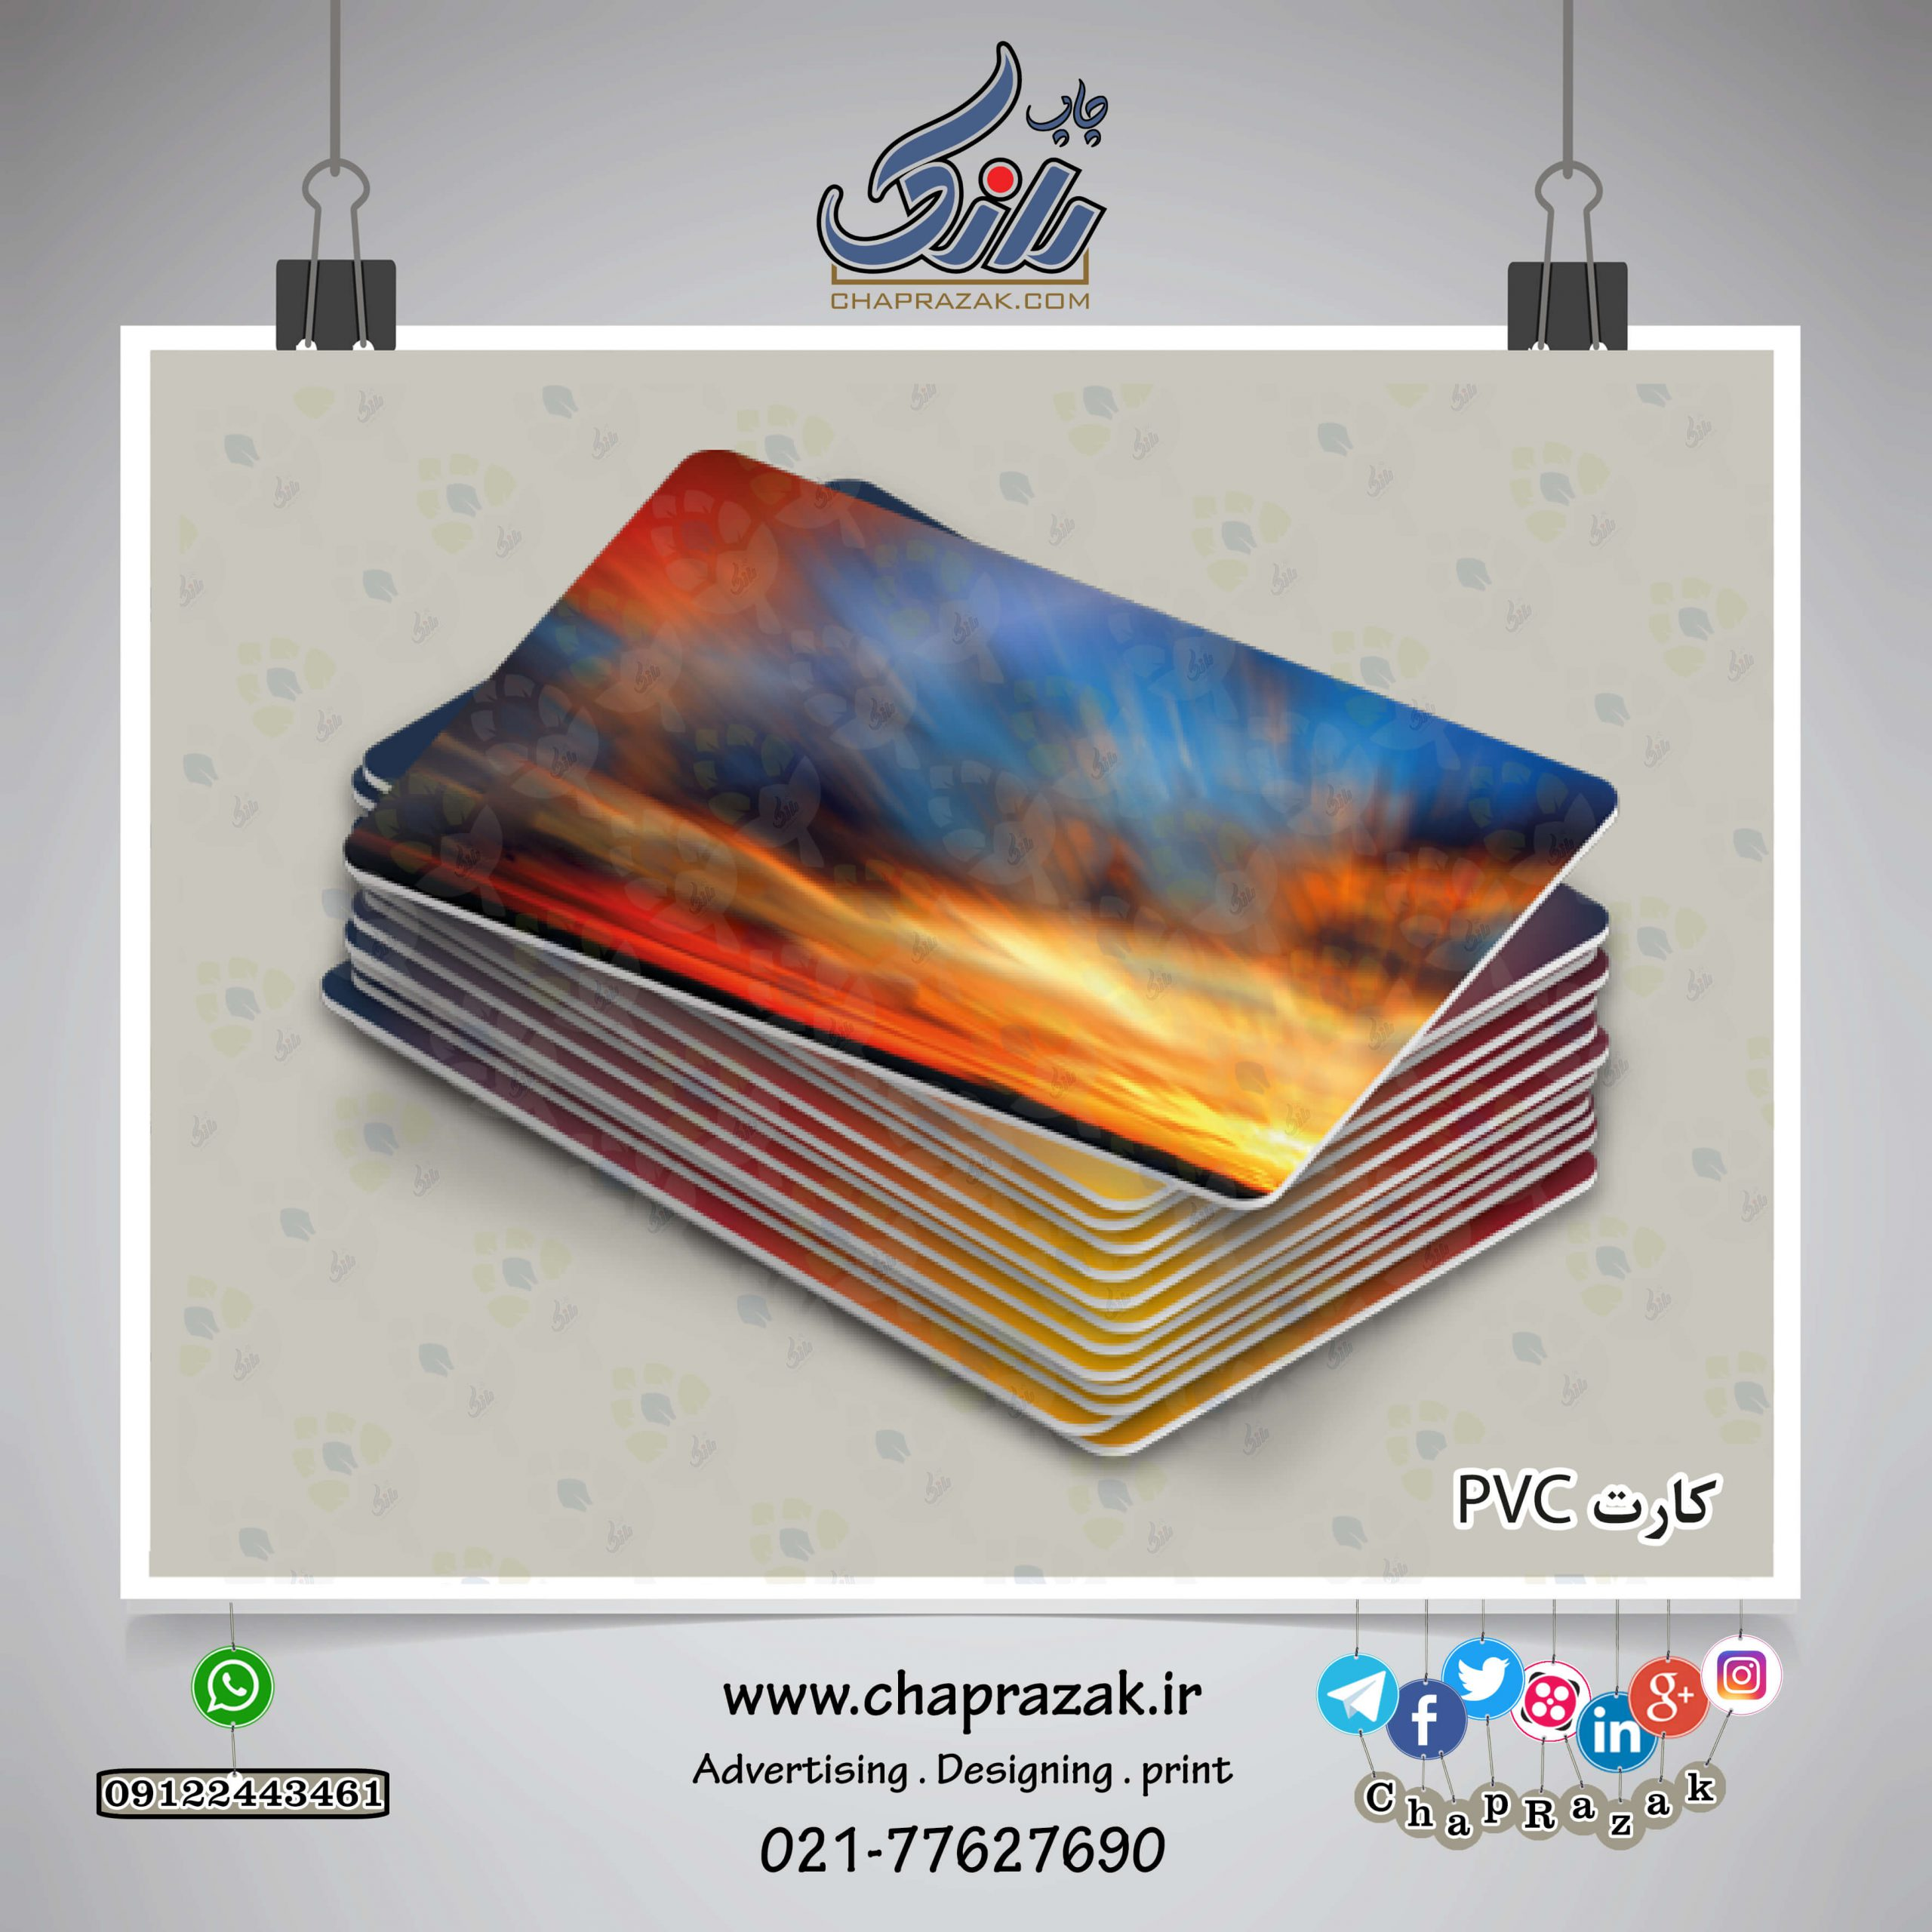 کارت ویزیت PVC خدماتی از وب سایت چاپ رازک https://chaprazak.ir